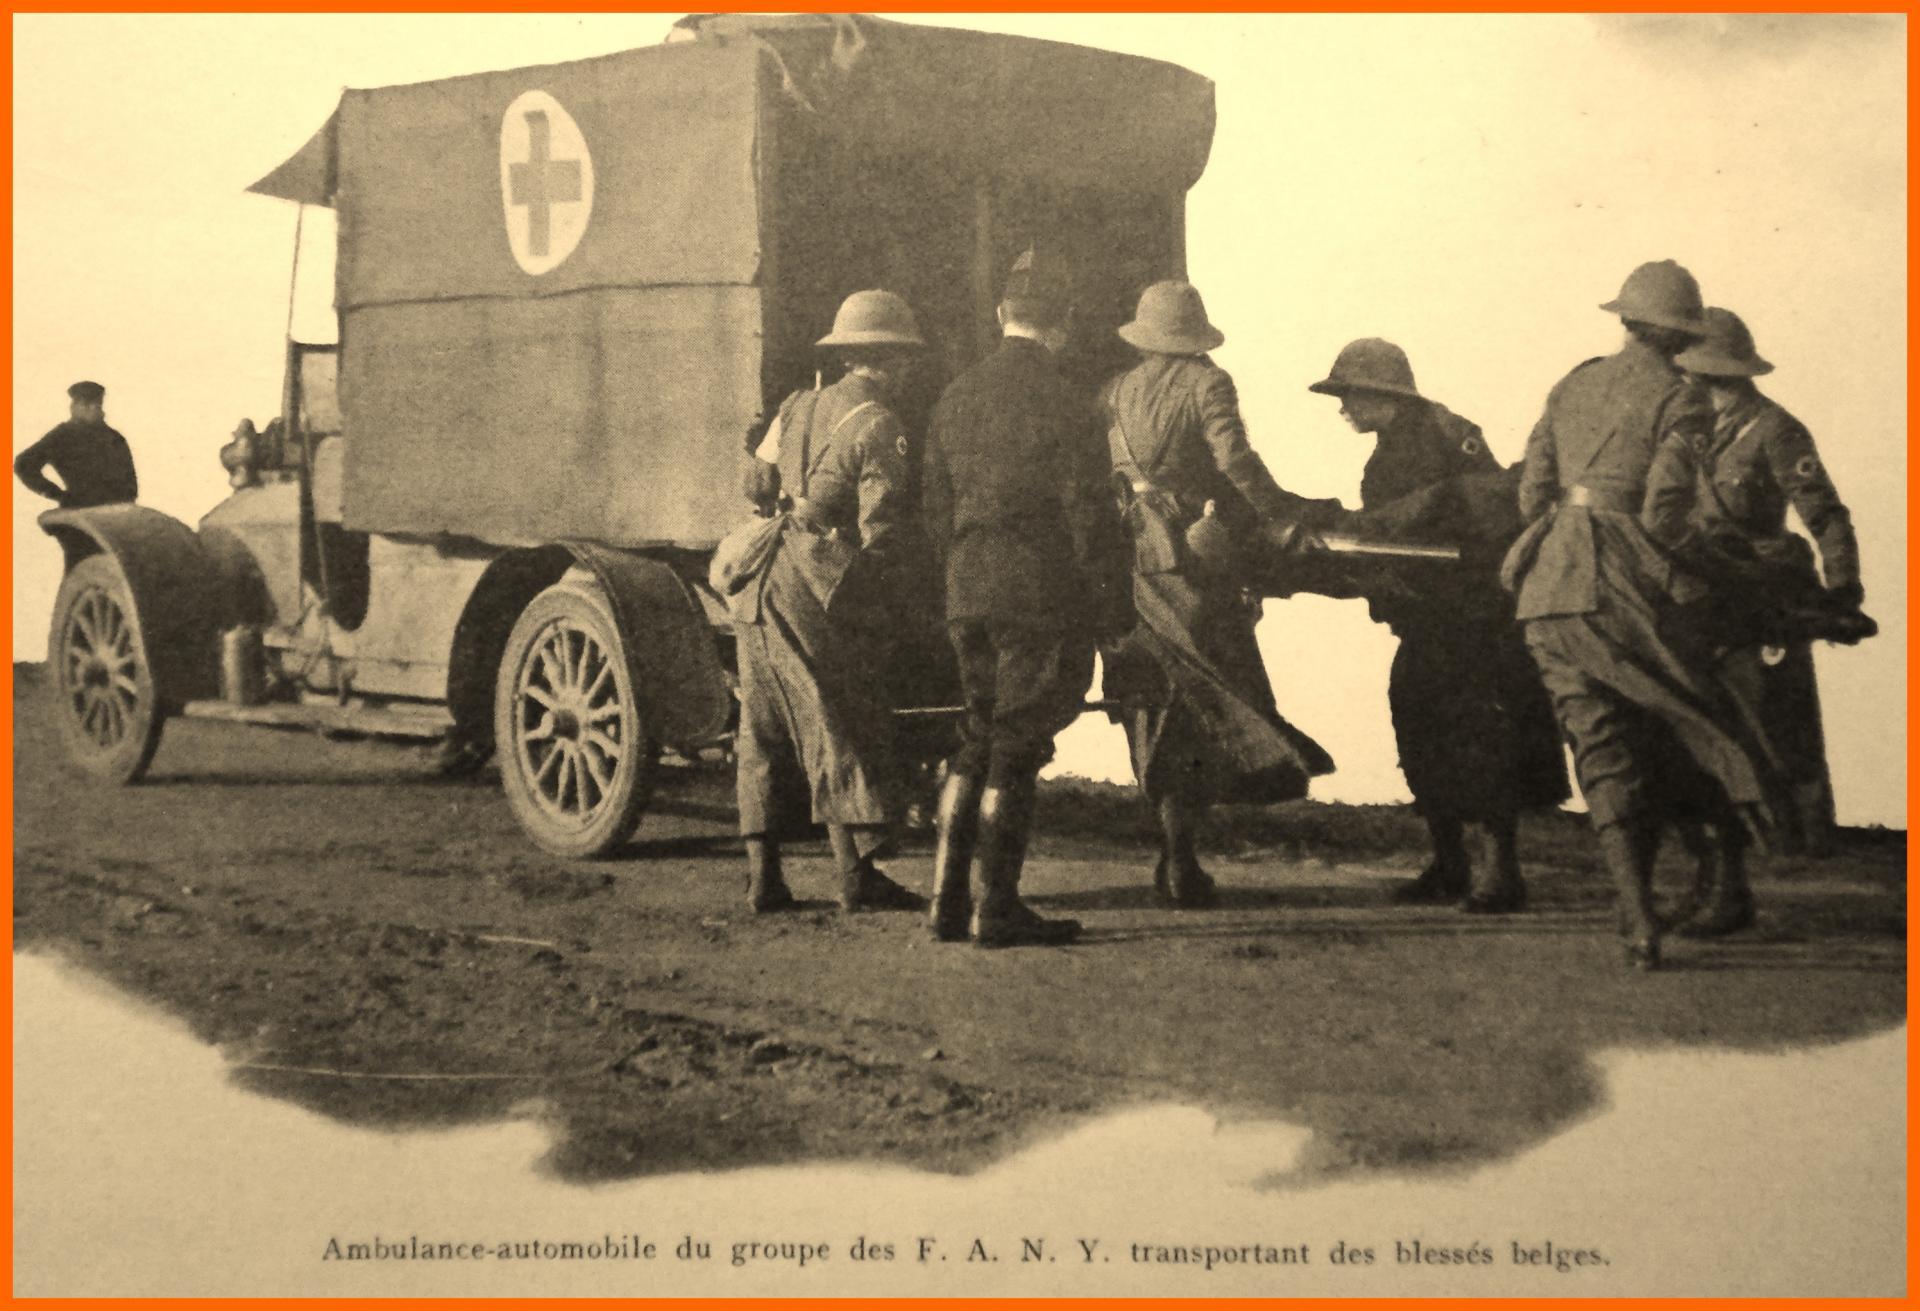 Calais 14 18 ambulance automobile du groupe des fany encadre